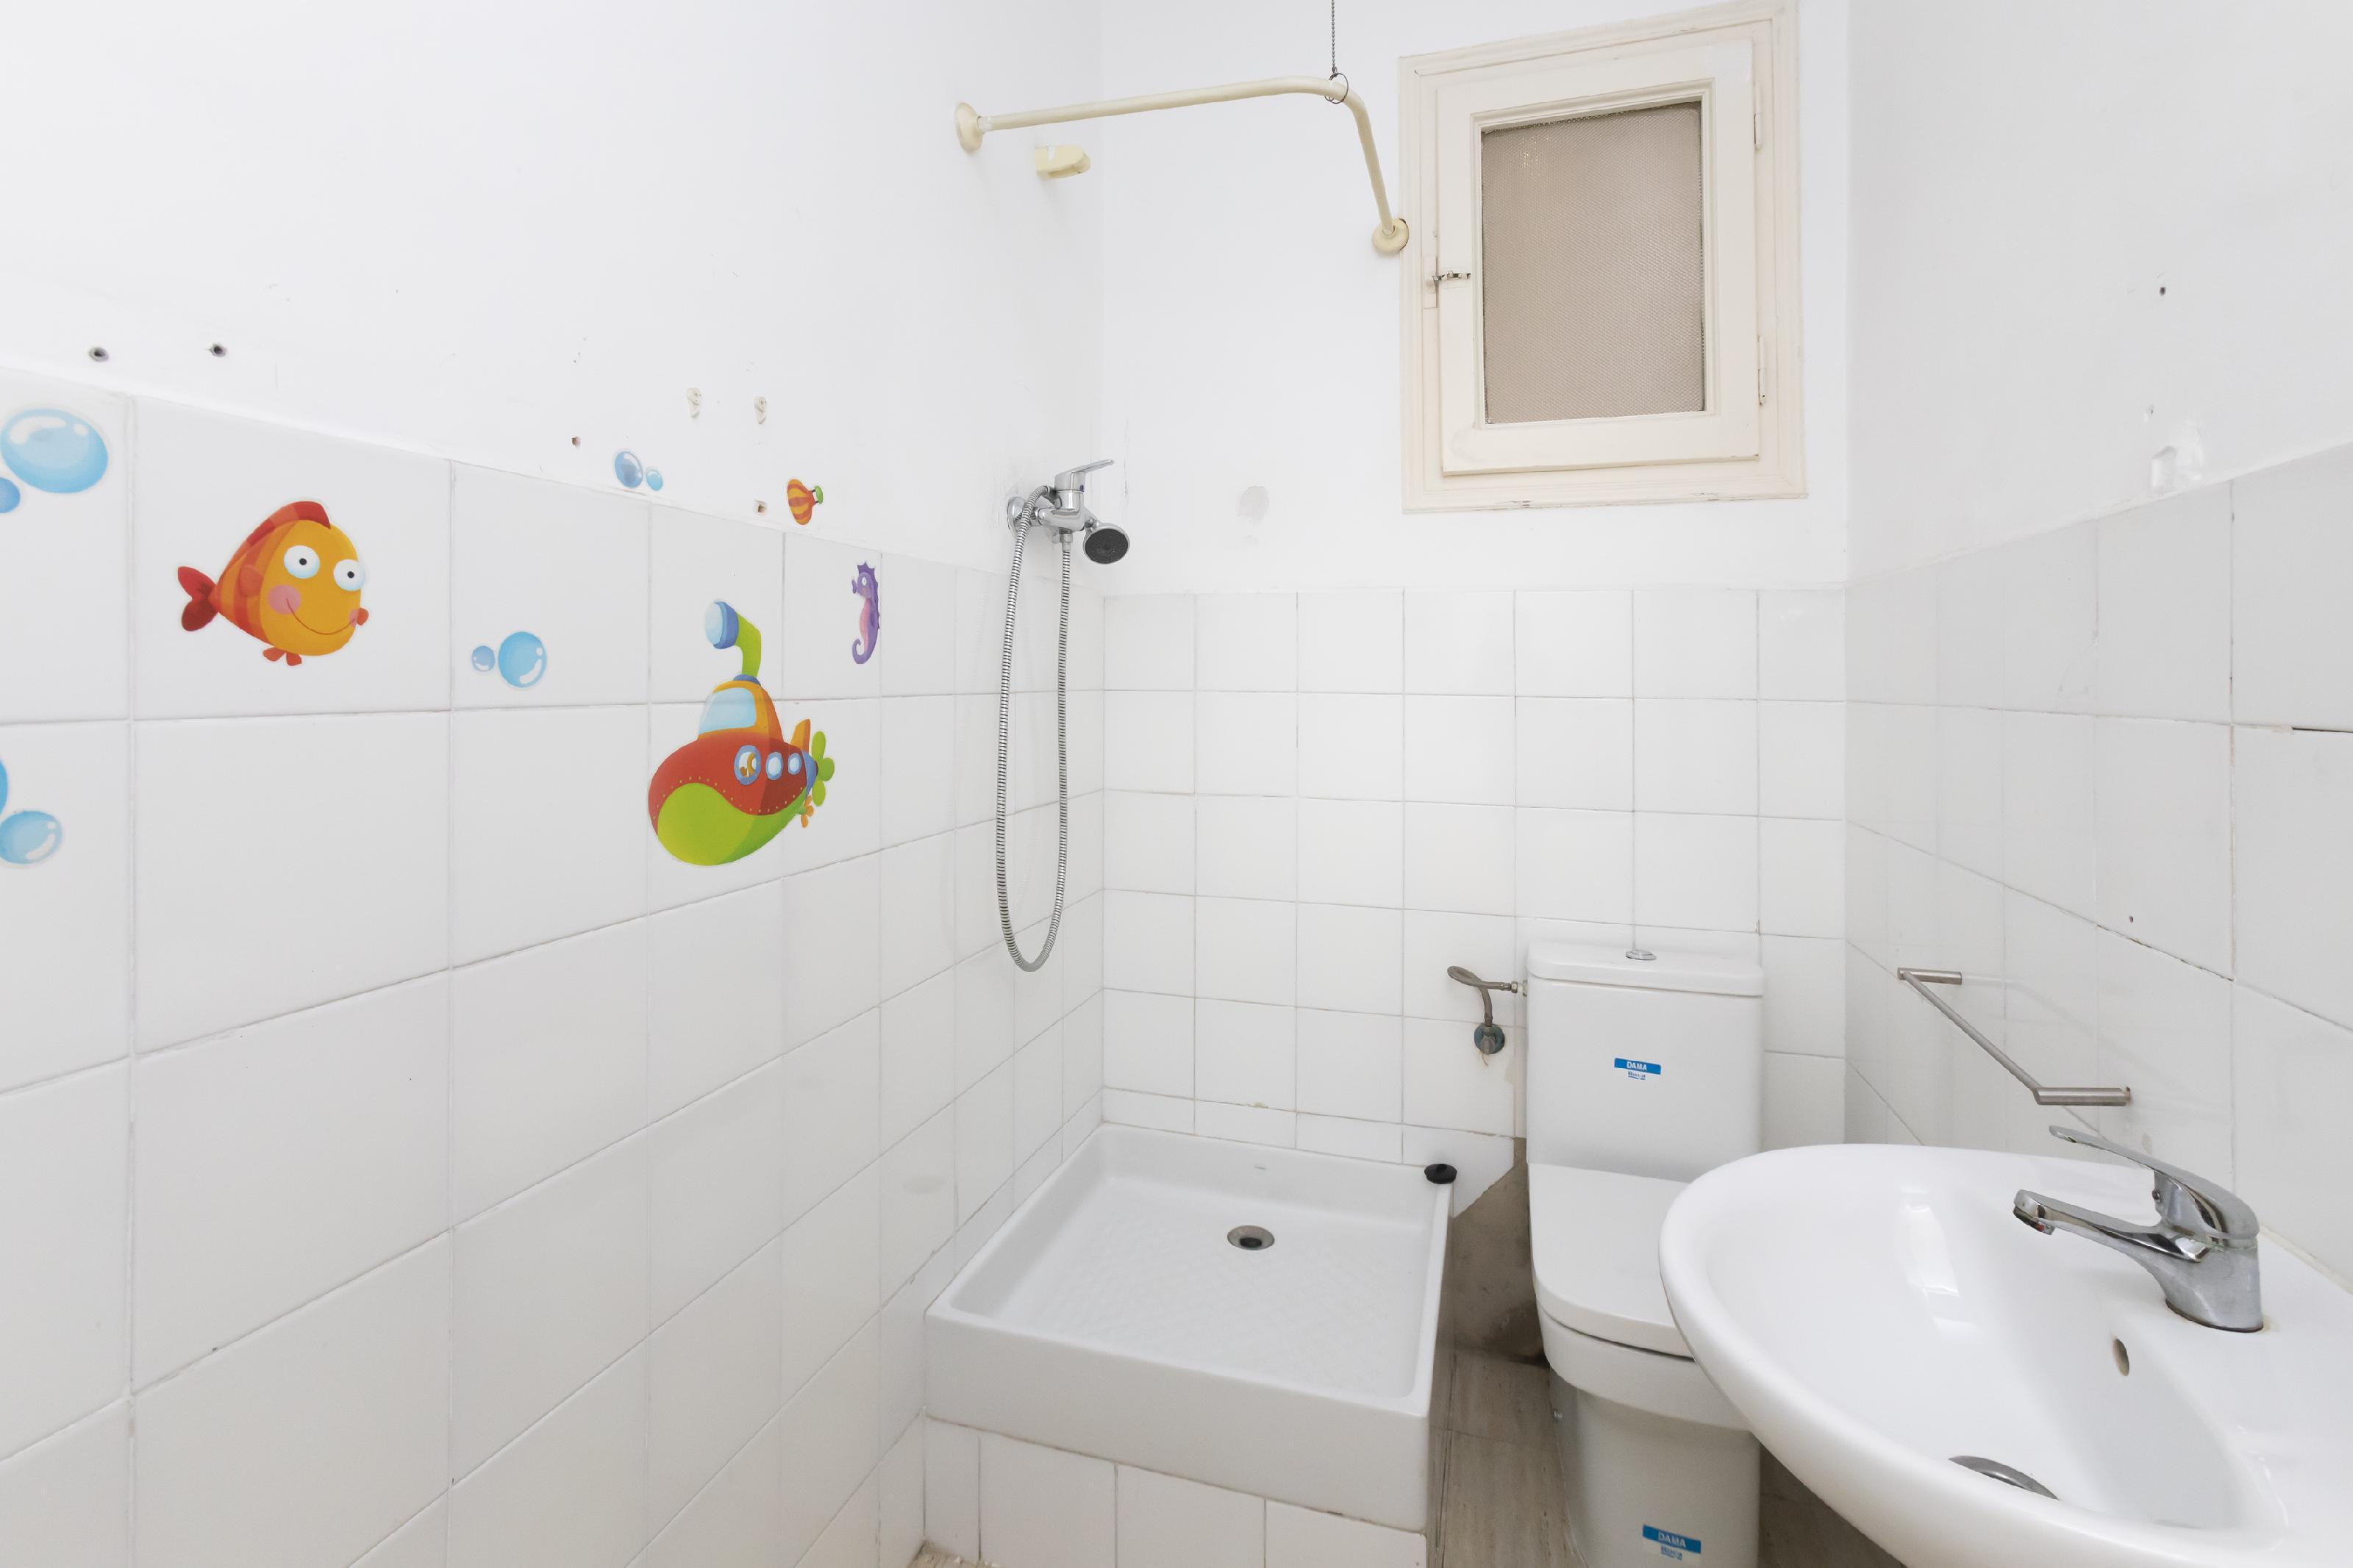 248888 Flat for sale in Sarrià-Sant Gervasi, St. Gervasi-Bonanova 23